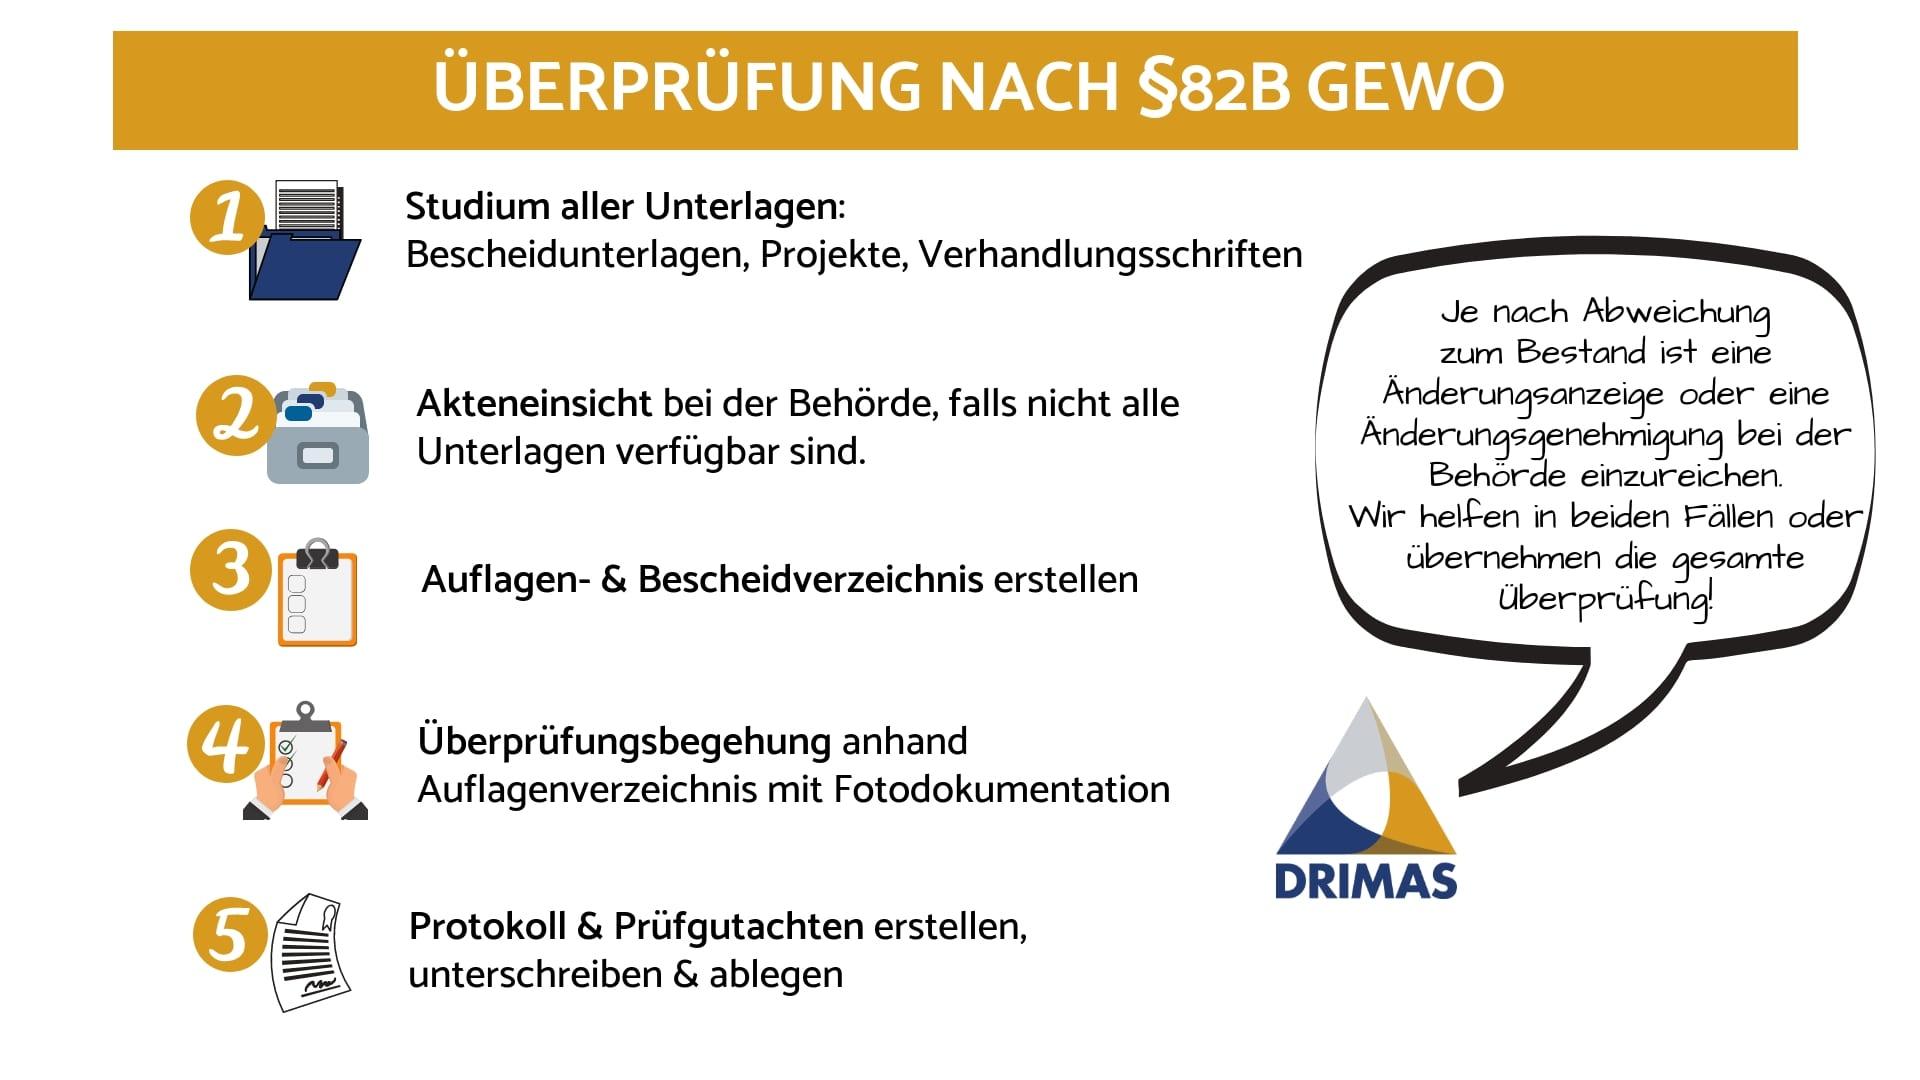 DRIMAS | Betriebsanlage | ueberpruefen | Überprüfung § 82b GewO | Beratung